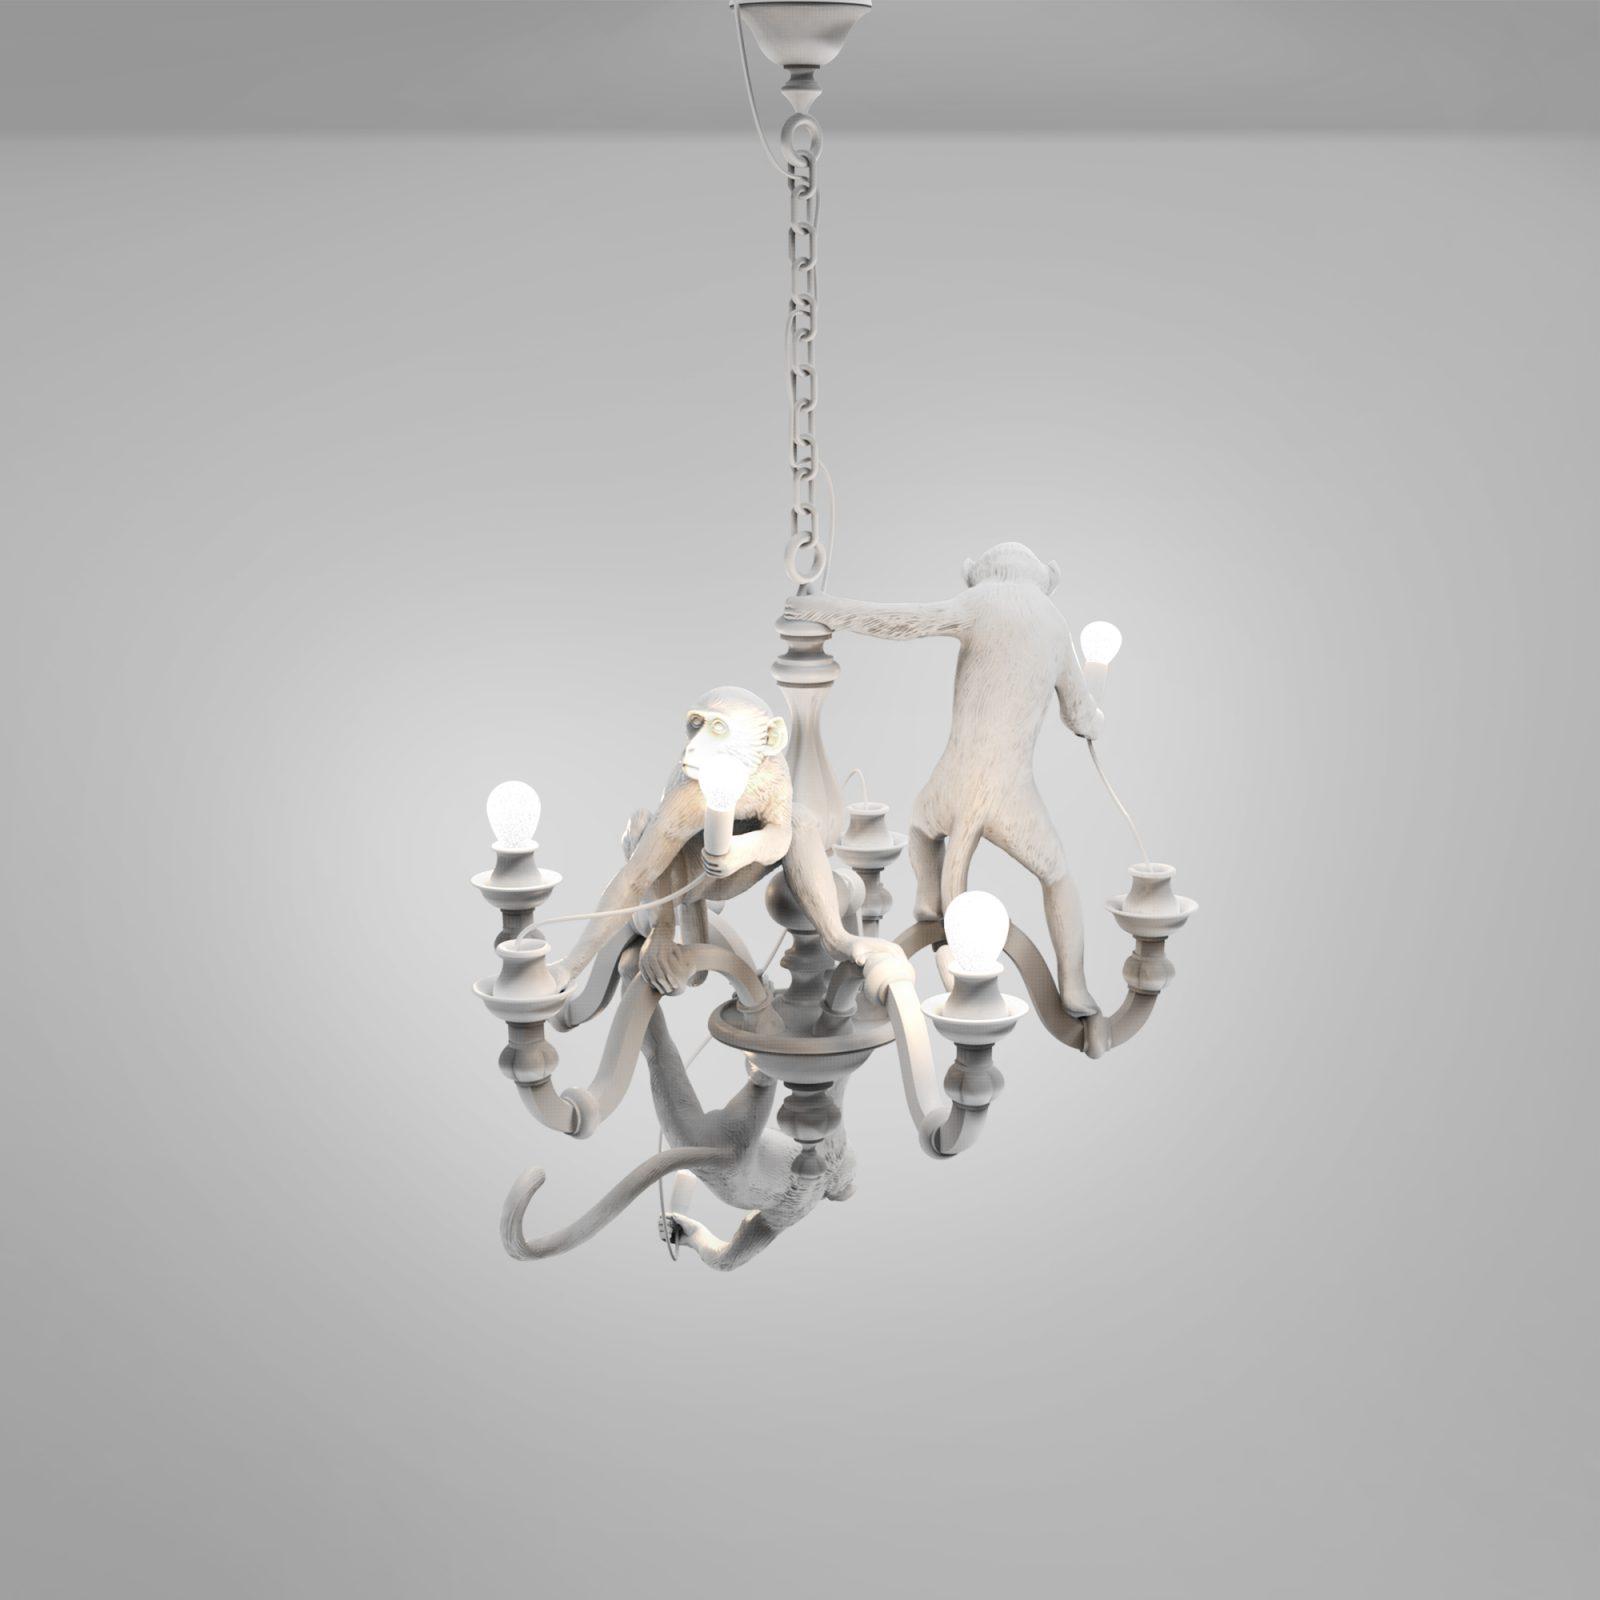 seletti-monkey-chandelier-white-5